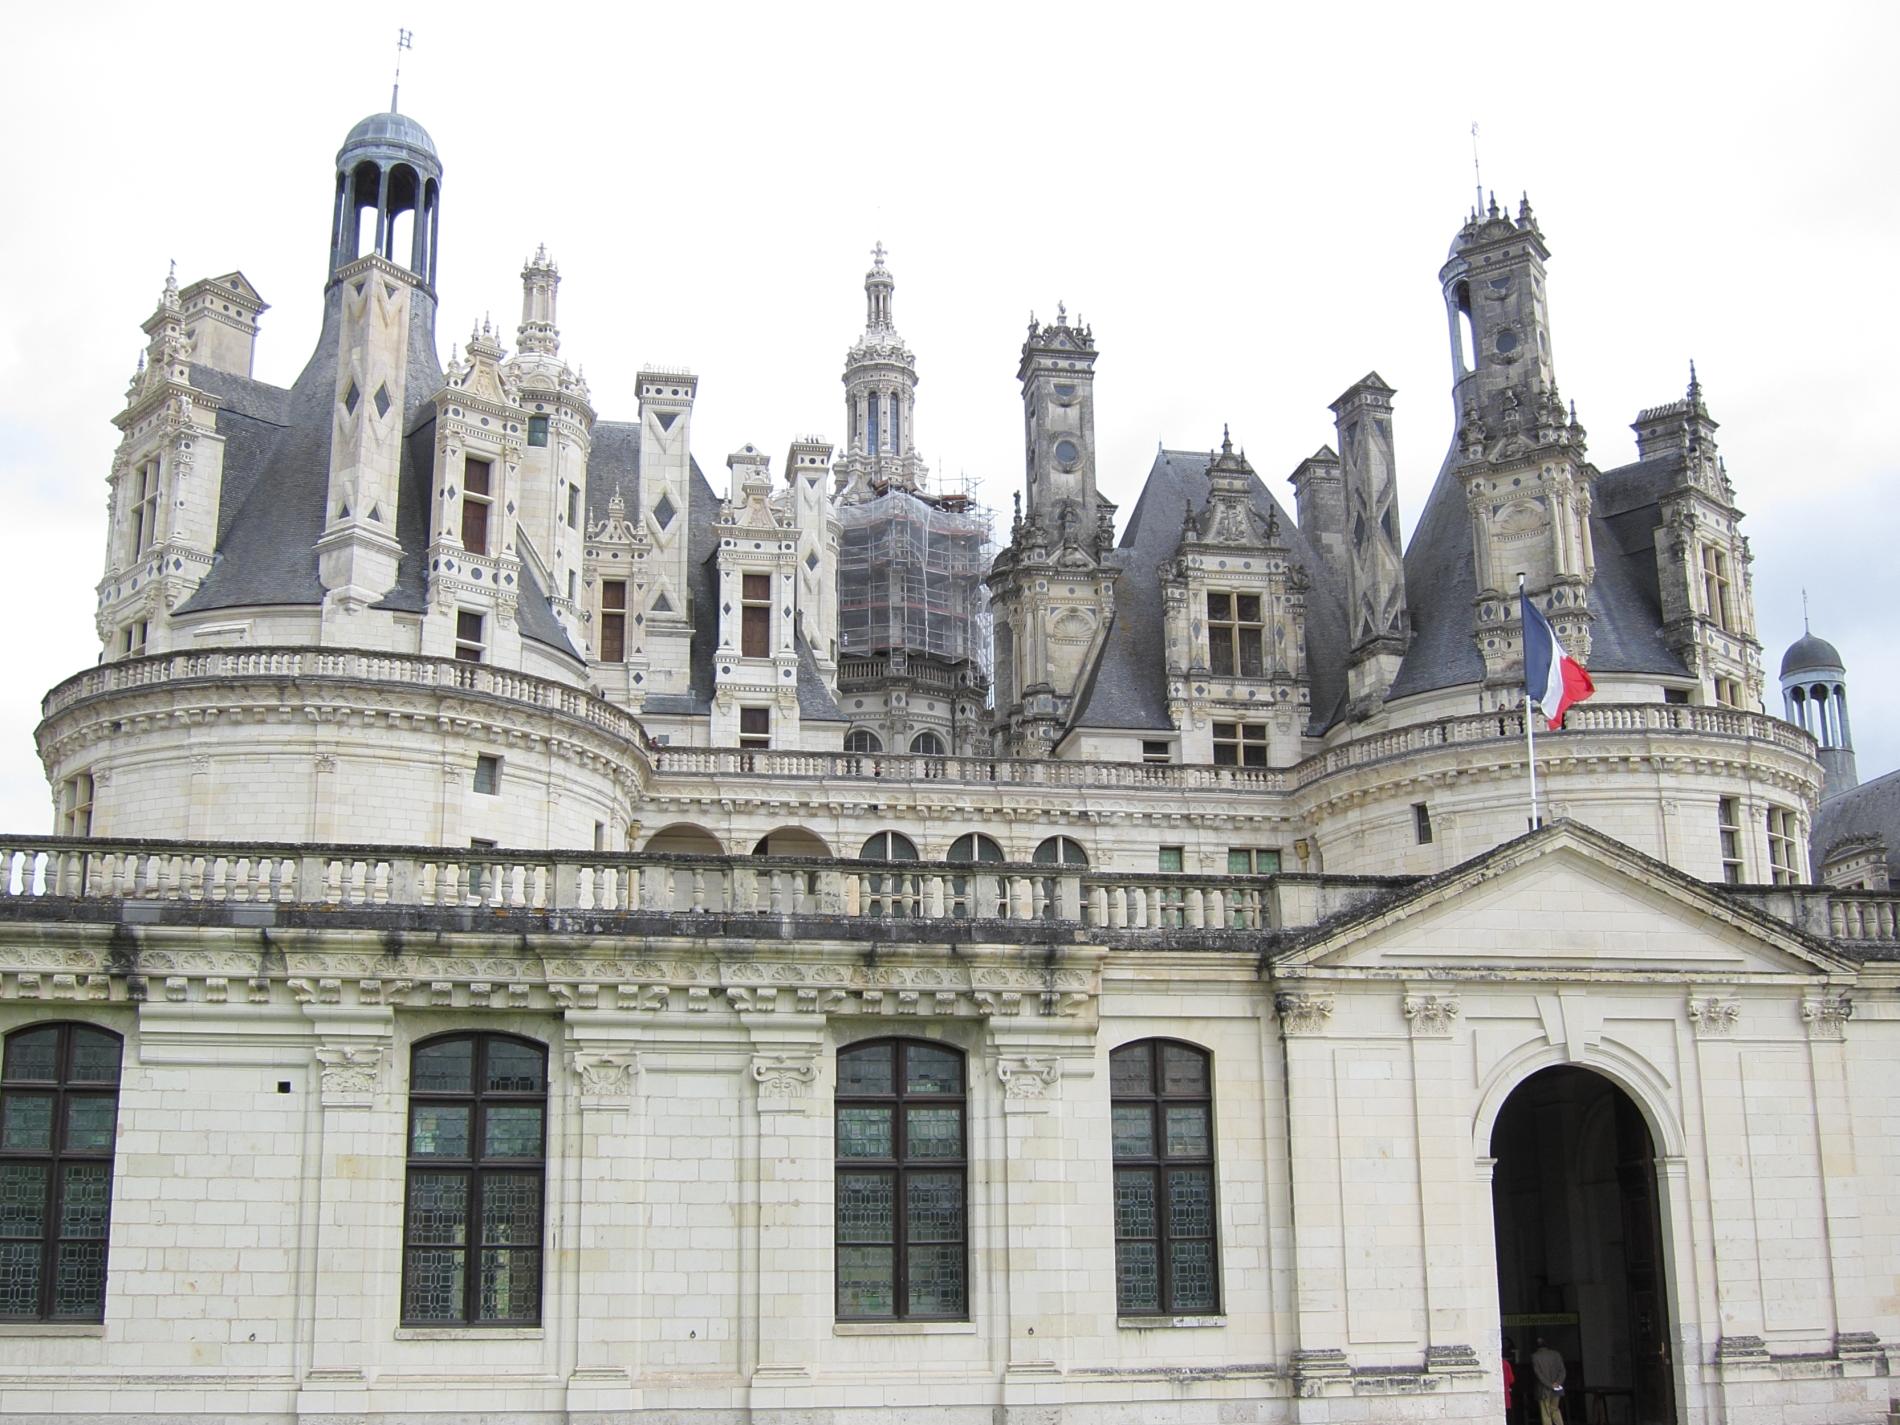 Le château de Chambord, the largest of the Loire valley châteaux.